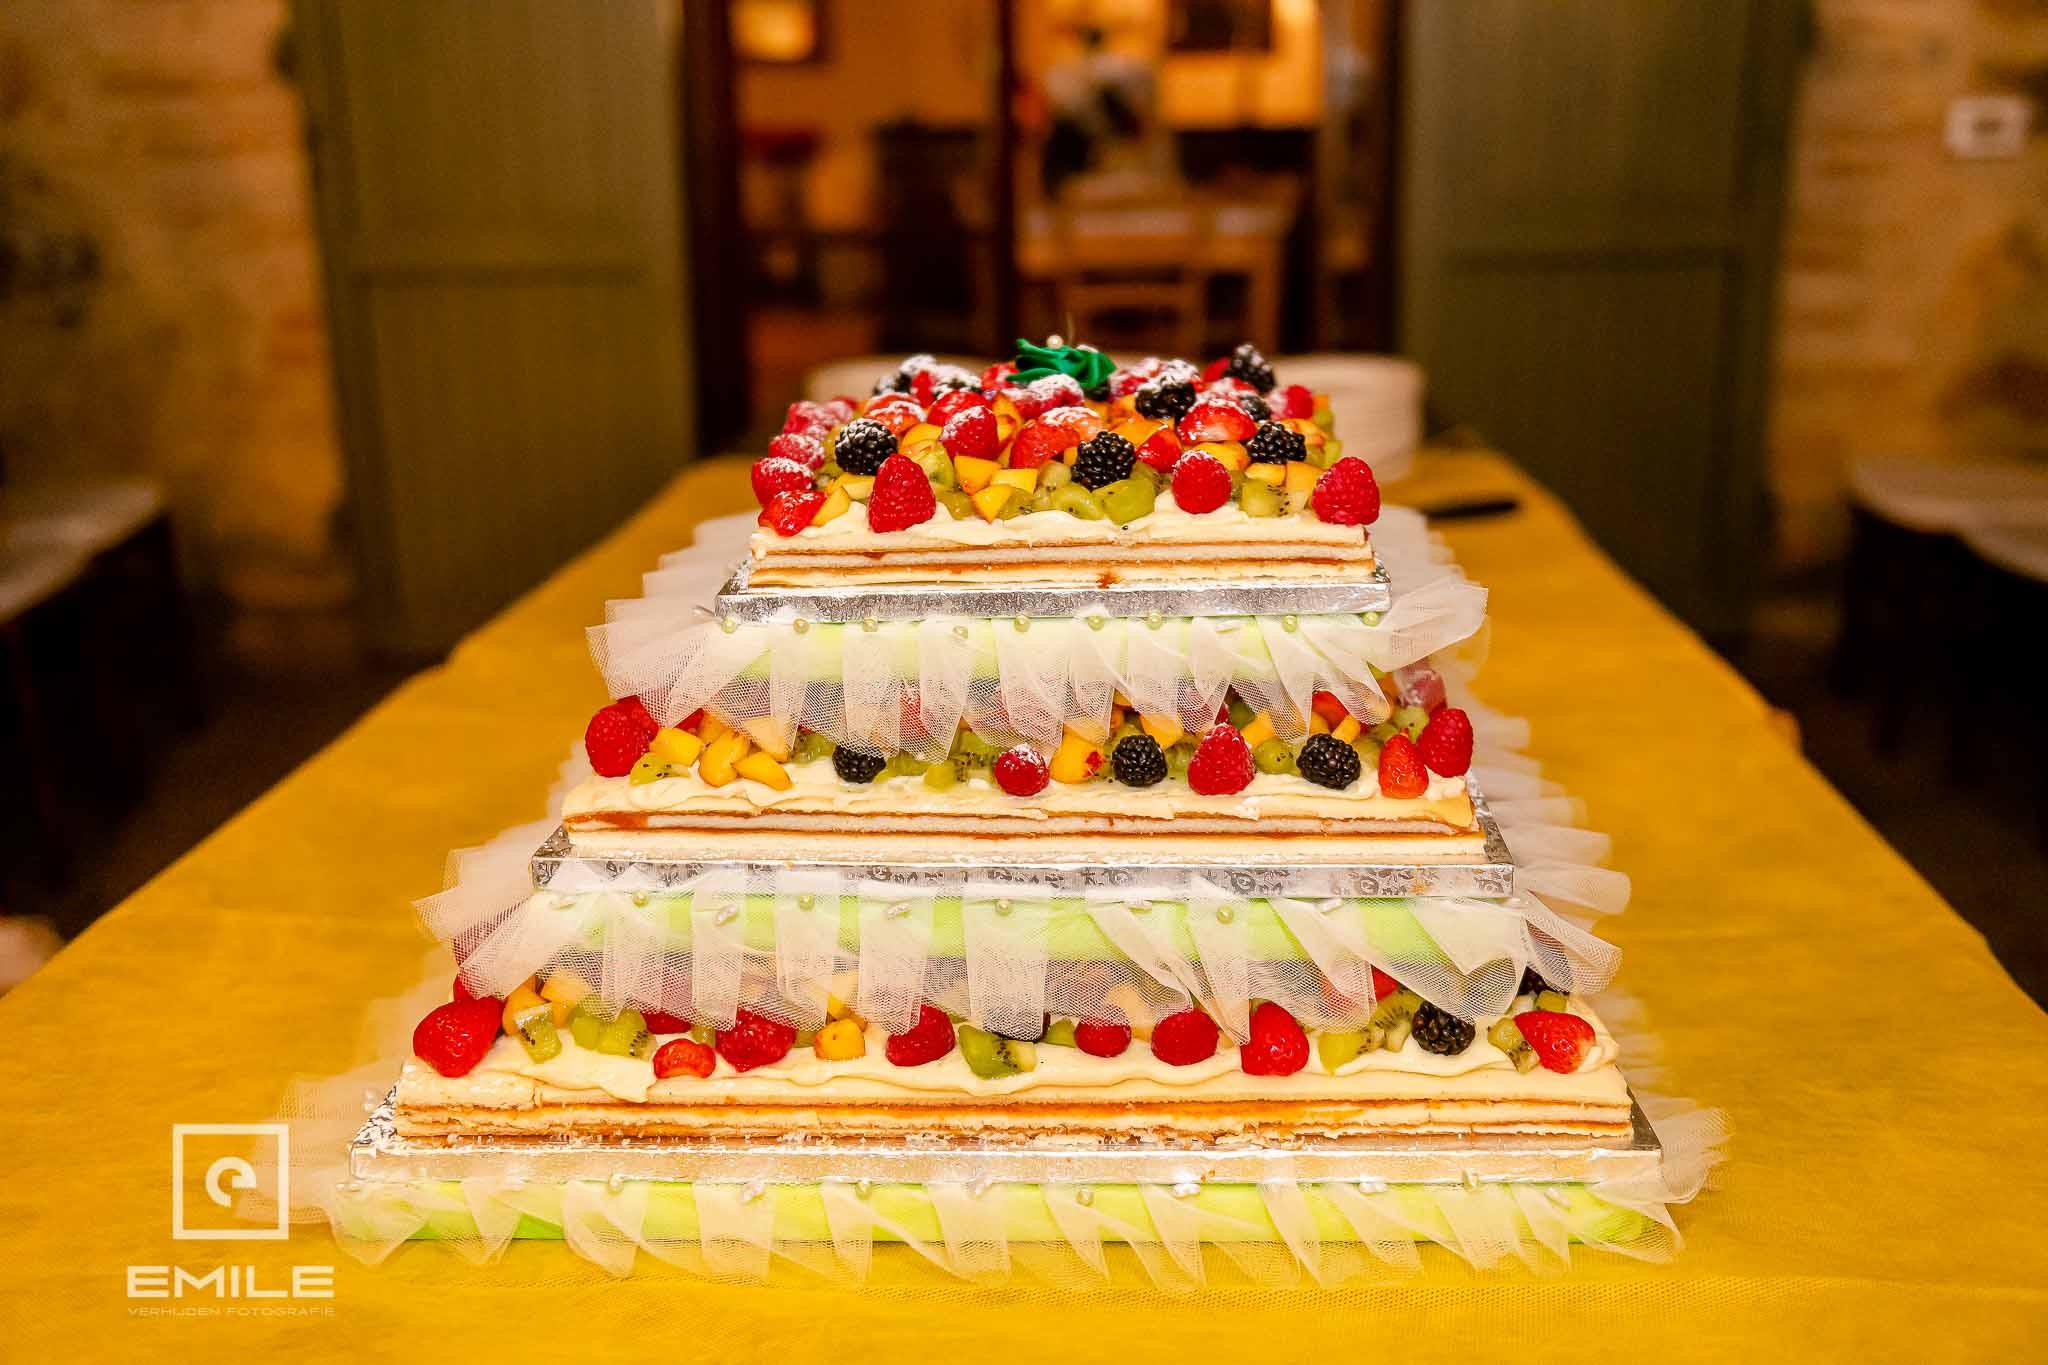 Italiaanse bruidstaart met lekker veel fruit - Destination wedding San Gimignano - Toscane Italie - Iris en Job